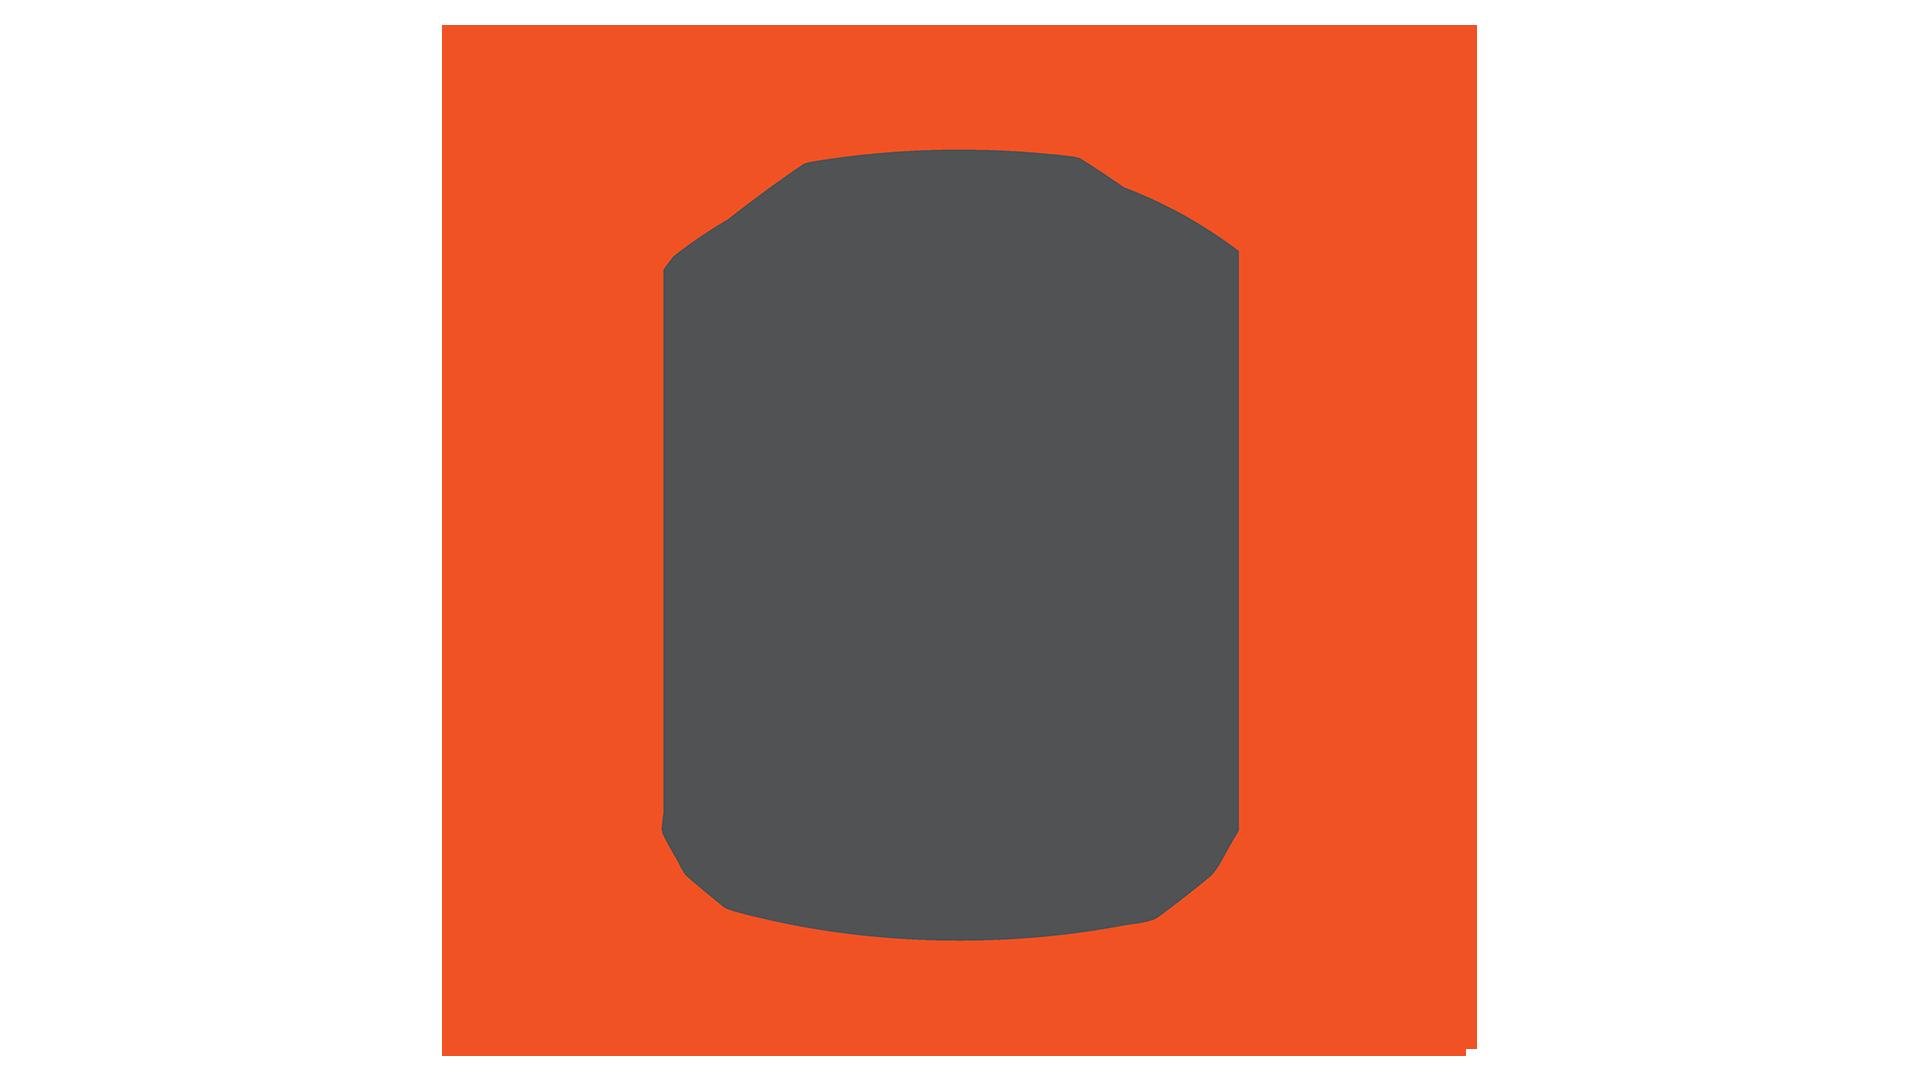 Corporate_Symbols (1080p)